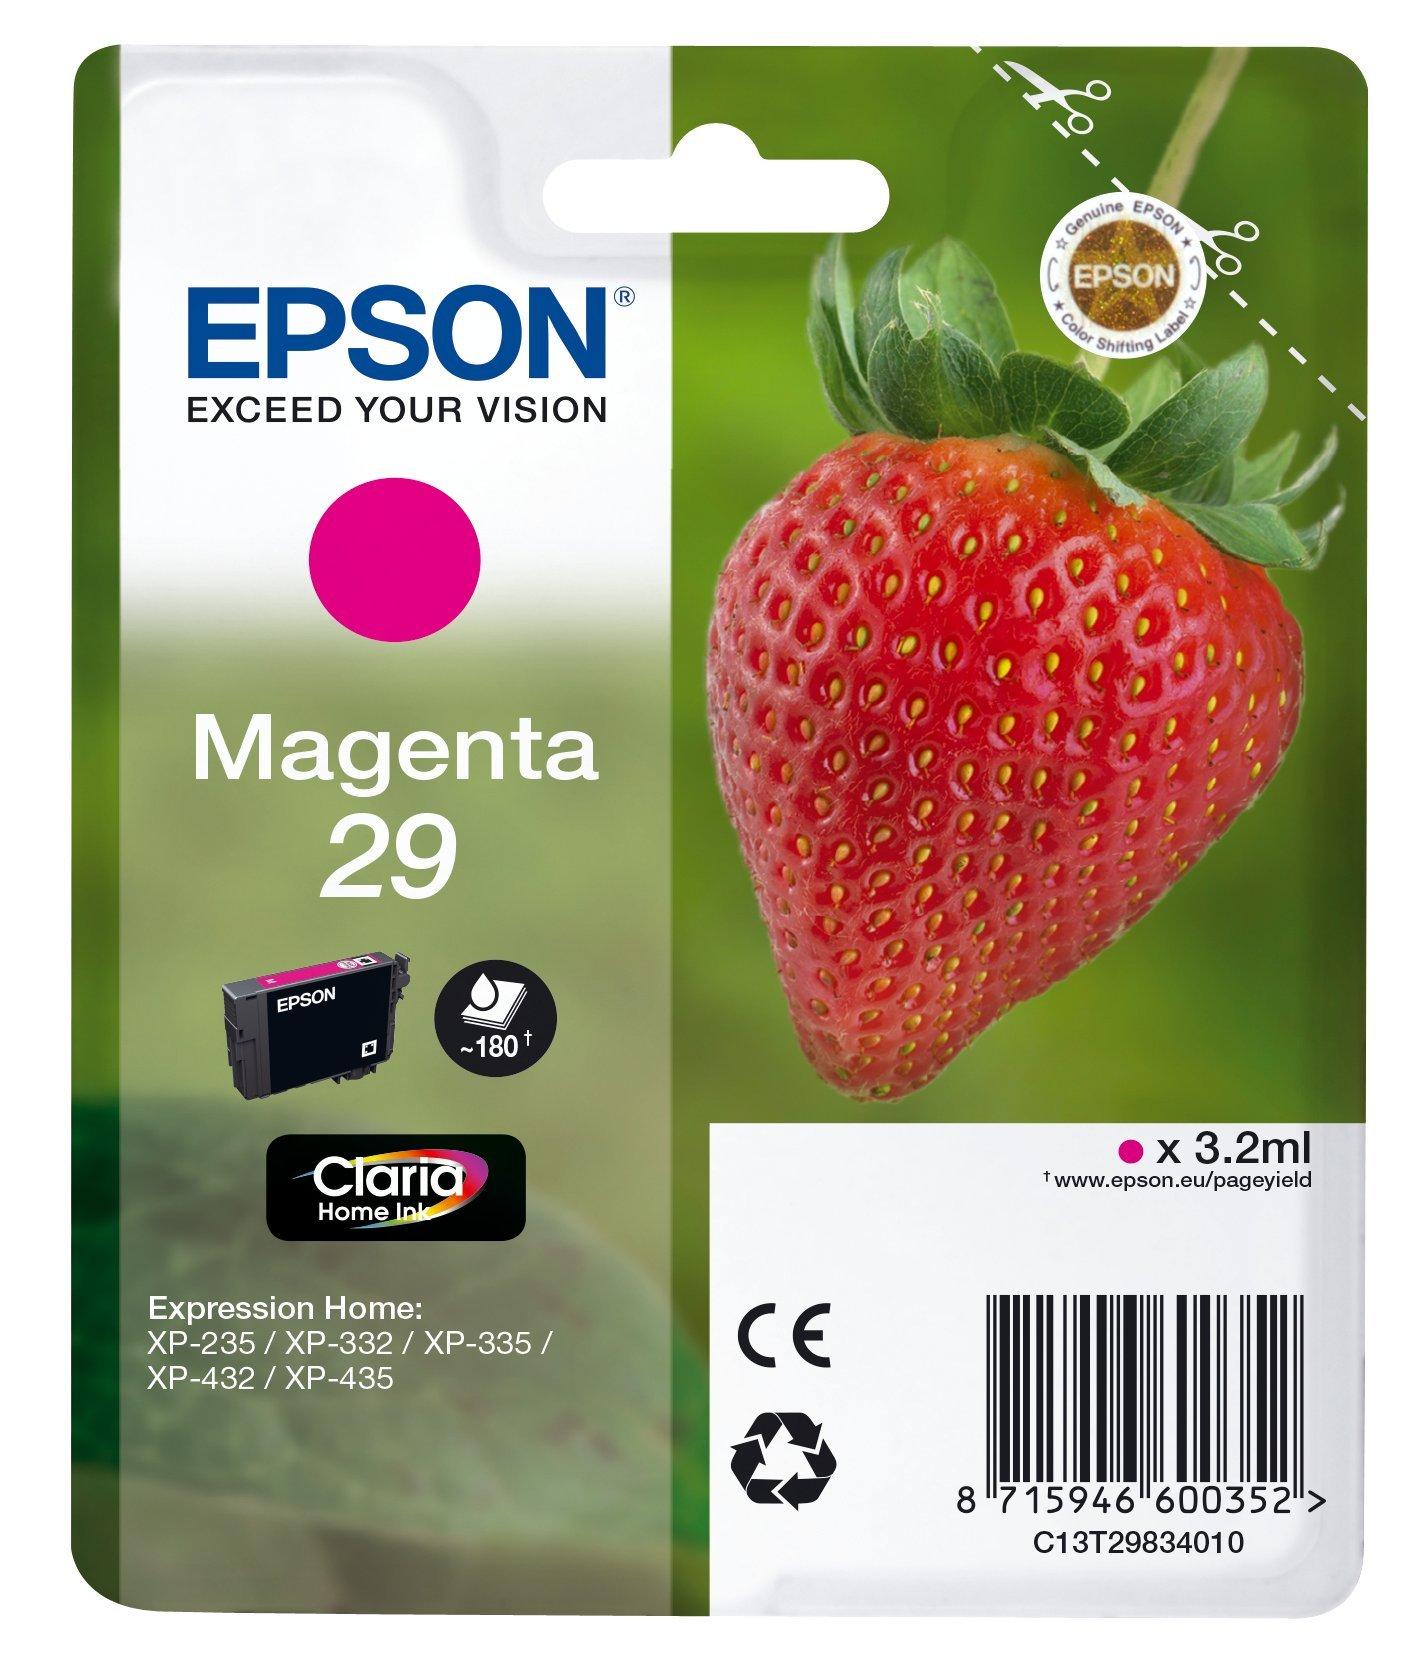 Epson-Tintenpatrone-Erdbeere-Claria-Home-Tinte-Text-und-Fotodruck